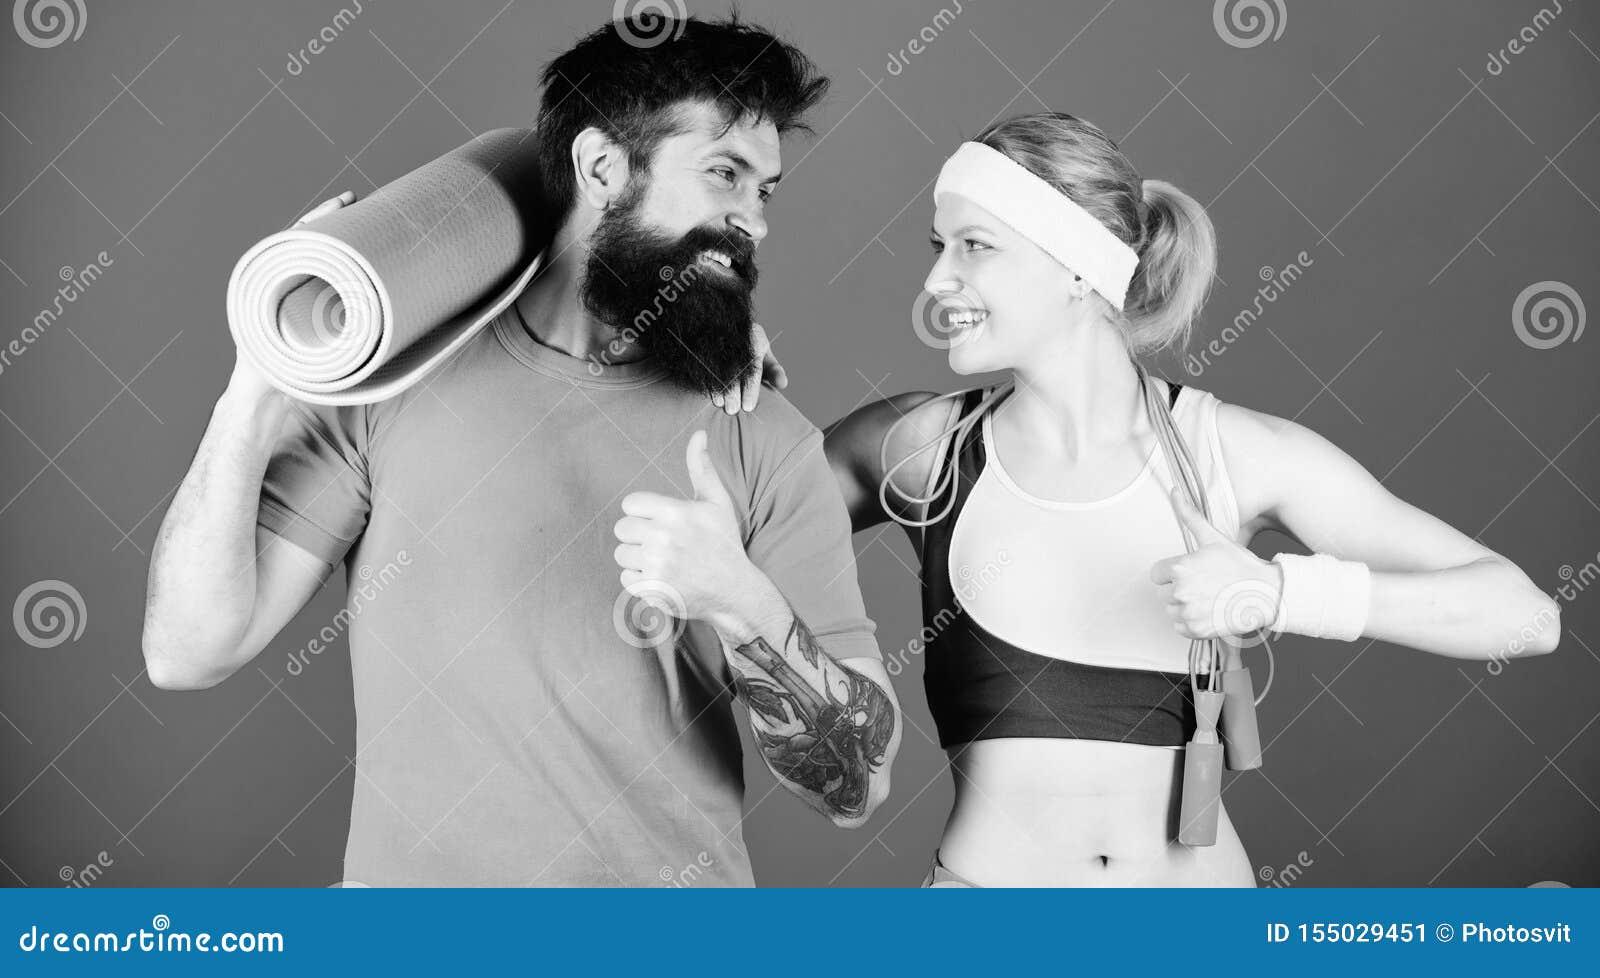 R Άνδρας και γυναίκα με το χαλί γιόγκας και τον αθλητικό εξοπλισμό Ασκήσεις ικανότητας Workout και ικανότητα r